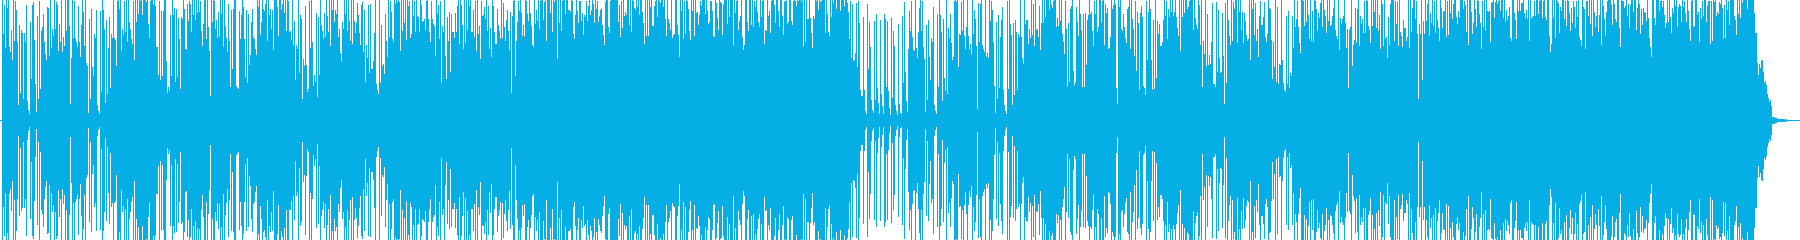 ノリノリで楽しいポップロックの再生済みの波形